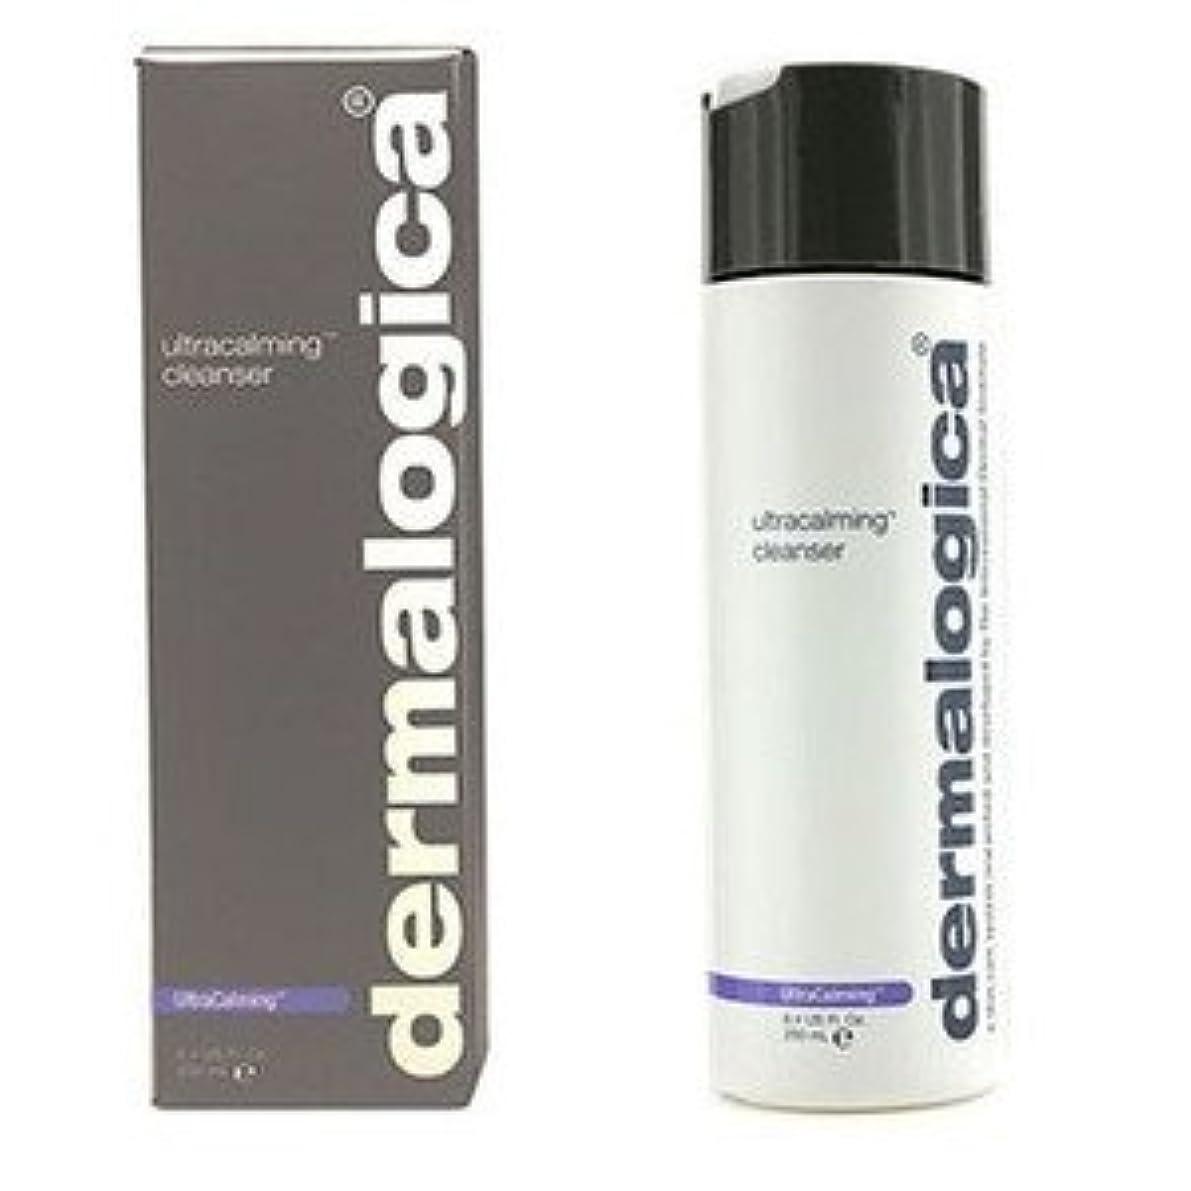 通行料金空虚ギャングダーマロジカ(Dermalogica) ウルトラカーミング クレンザー 250ml/8.3oz [並行輸入品]